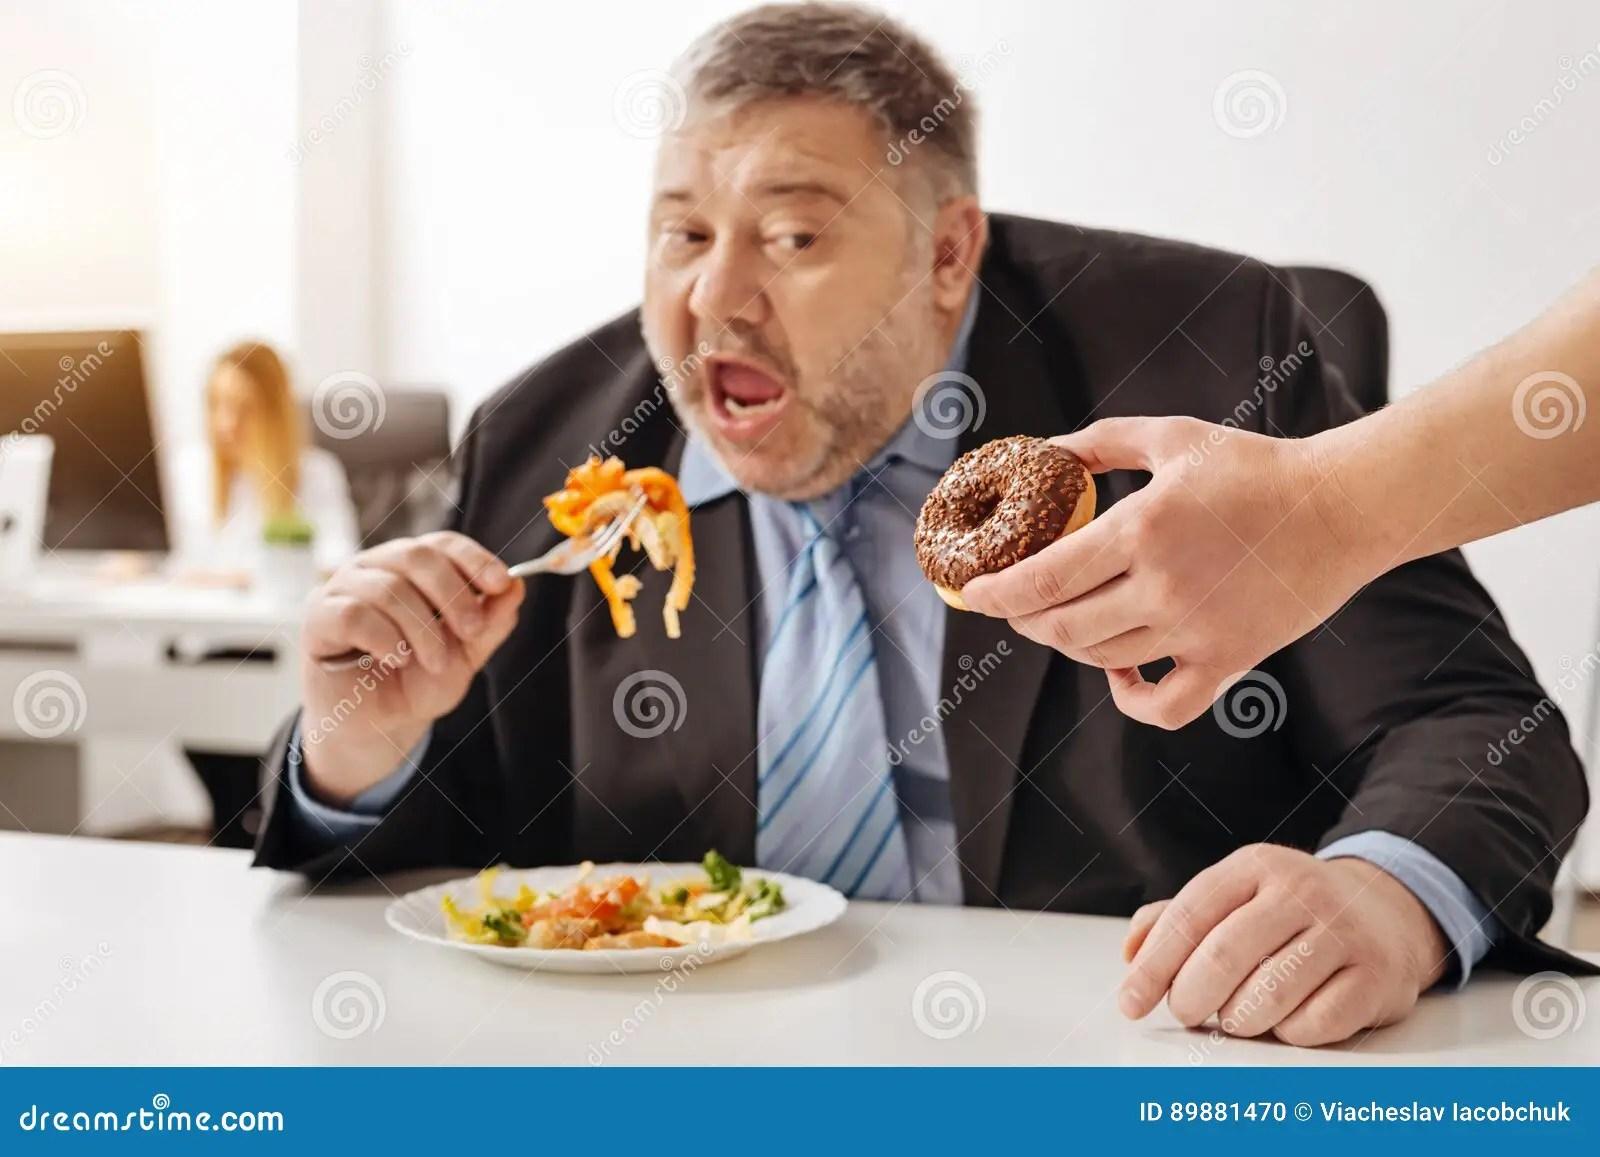 Einladung Zum Essen Gehen Best Gutschein Essen Vorlage Word Schon